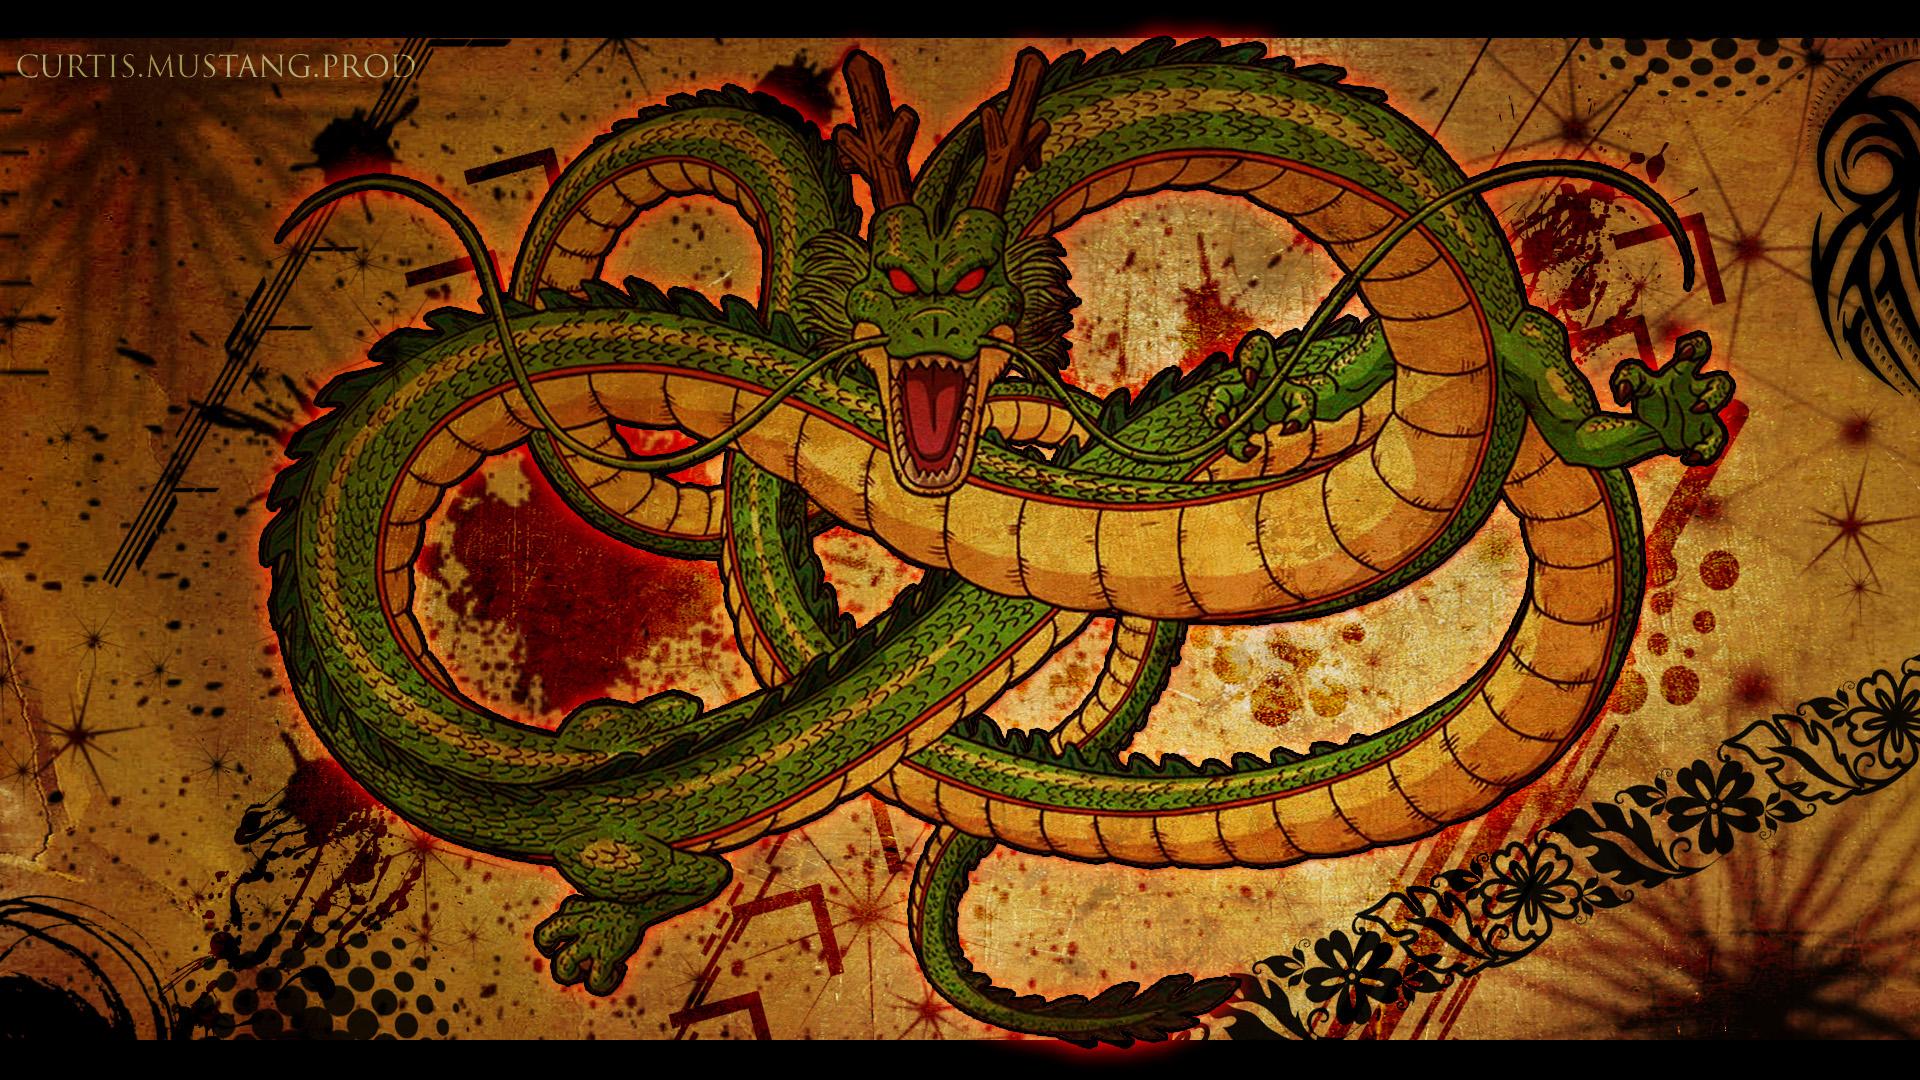 デスクトップ壁紙 図 ビデオゲーム パターン ドラゴンボールz